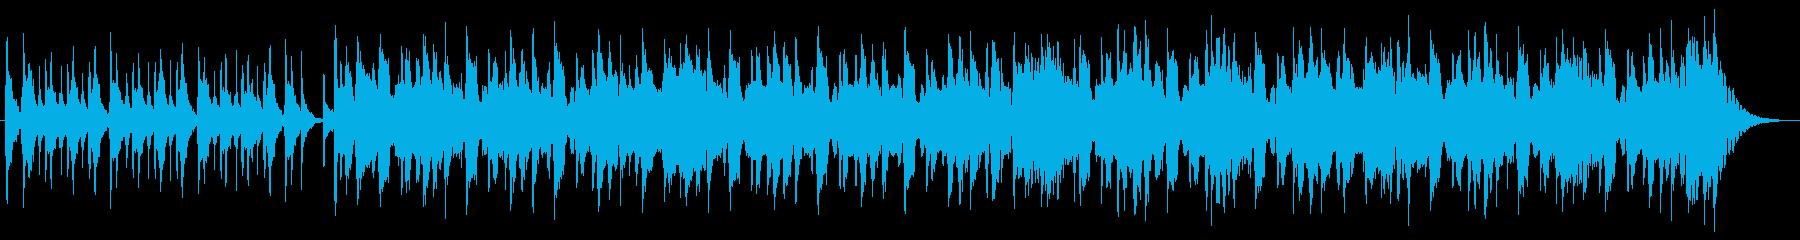 ハーモニカの明るいオープニング曲の再生済みの波形